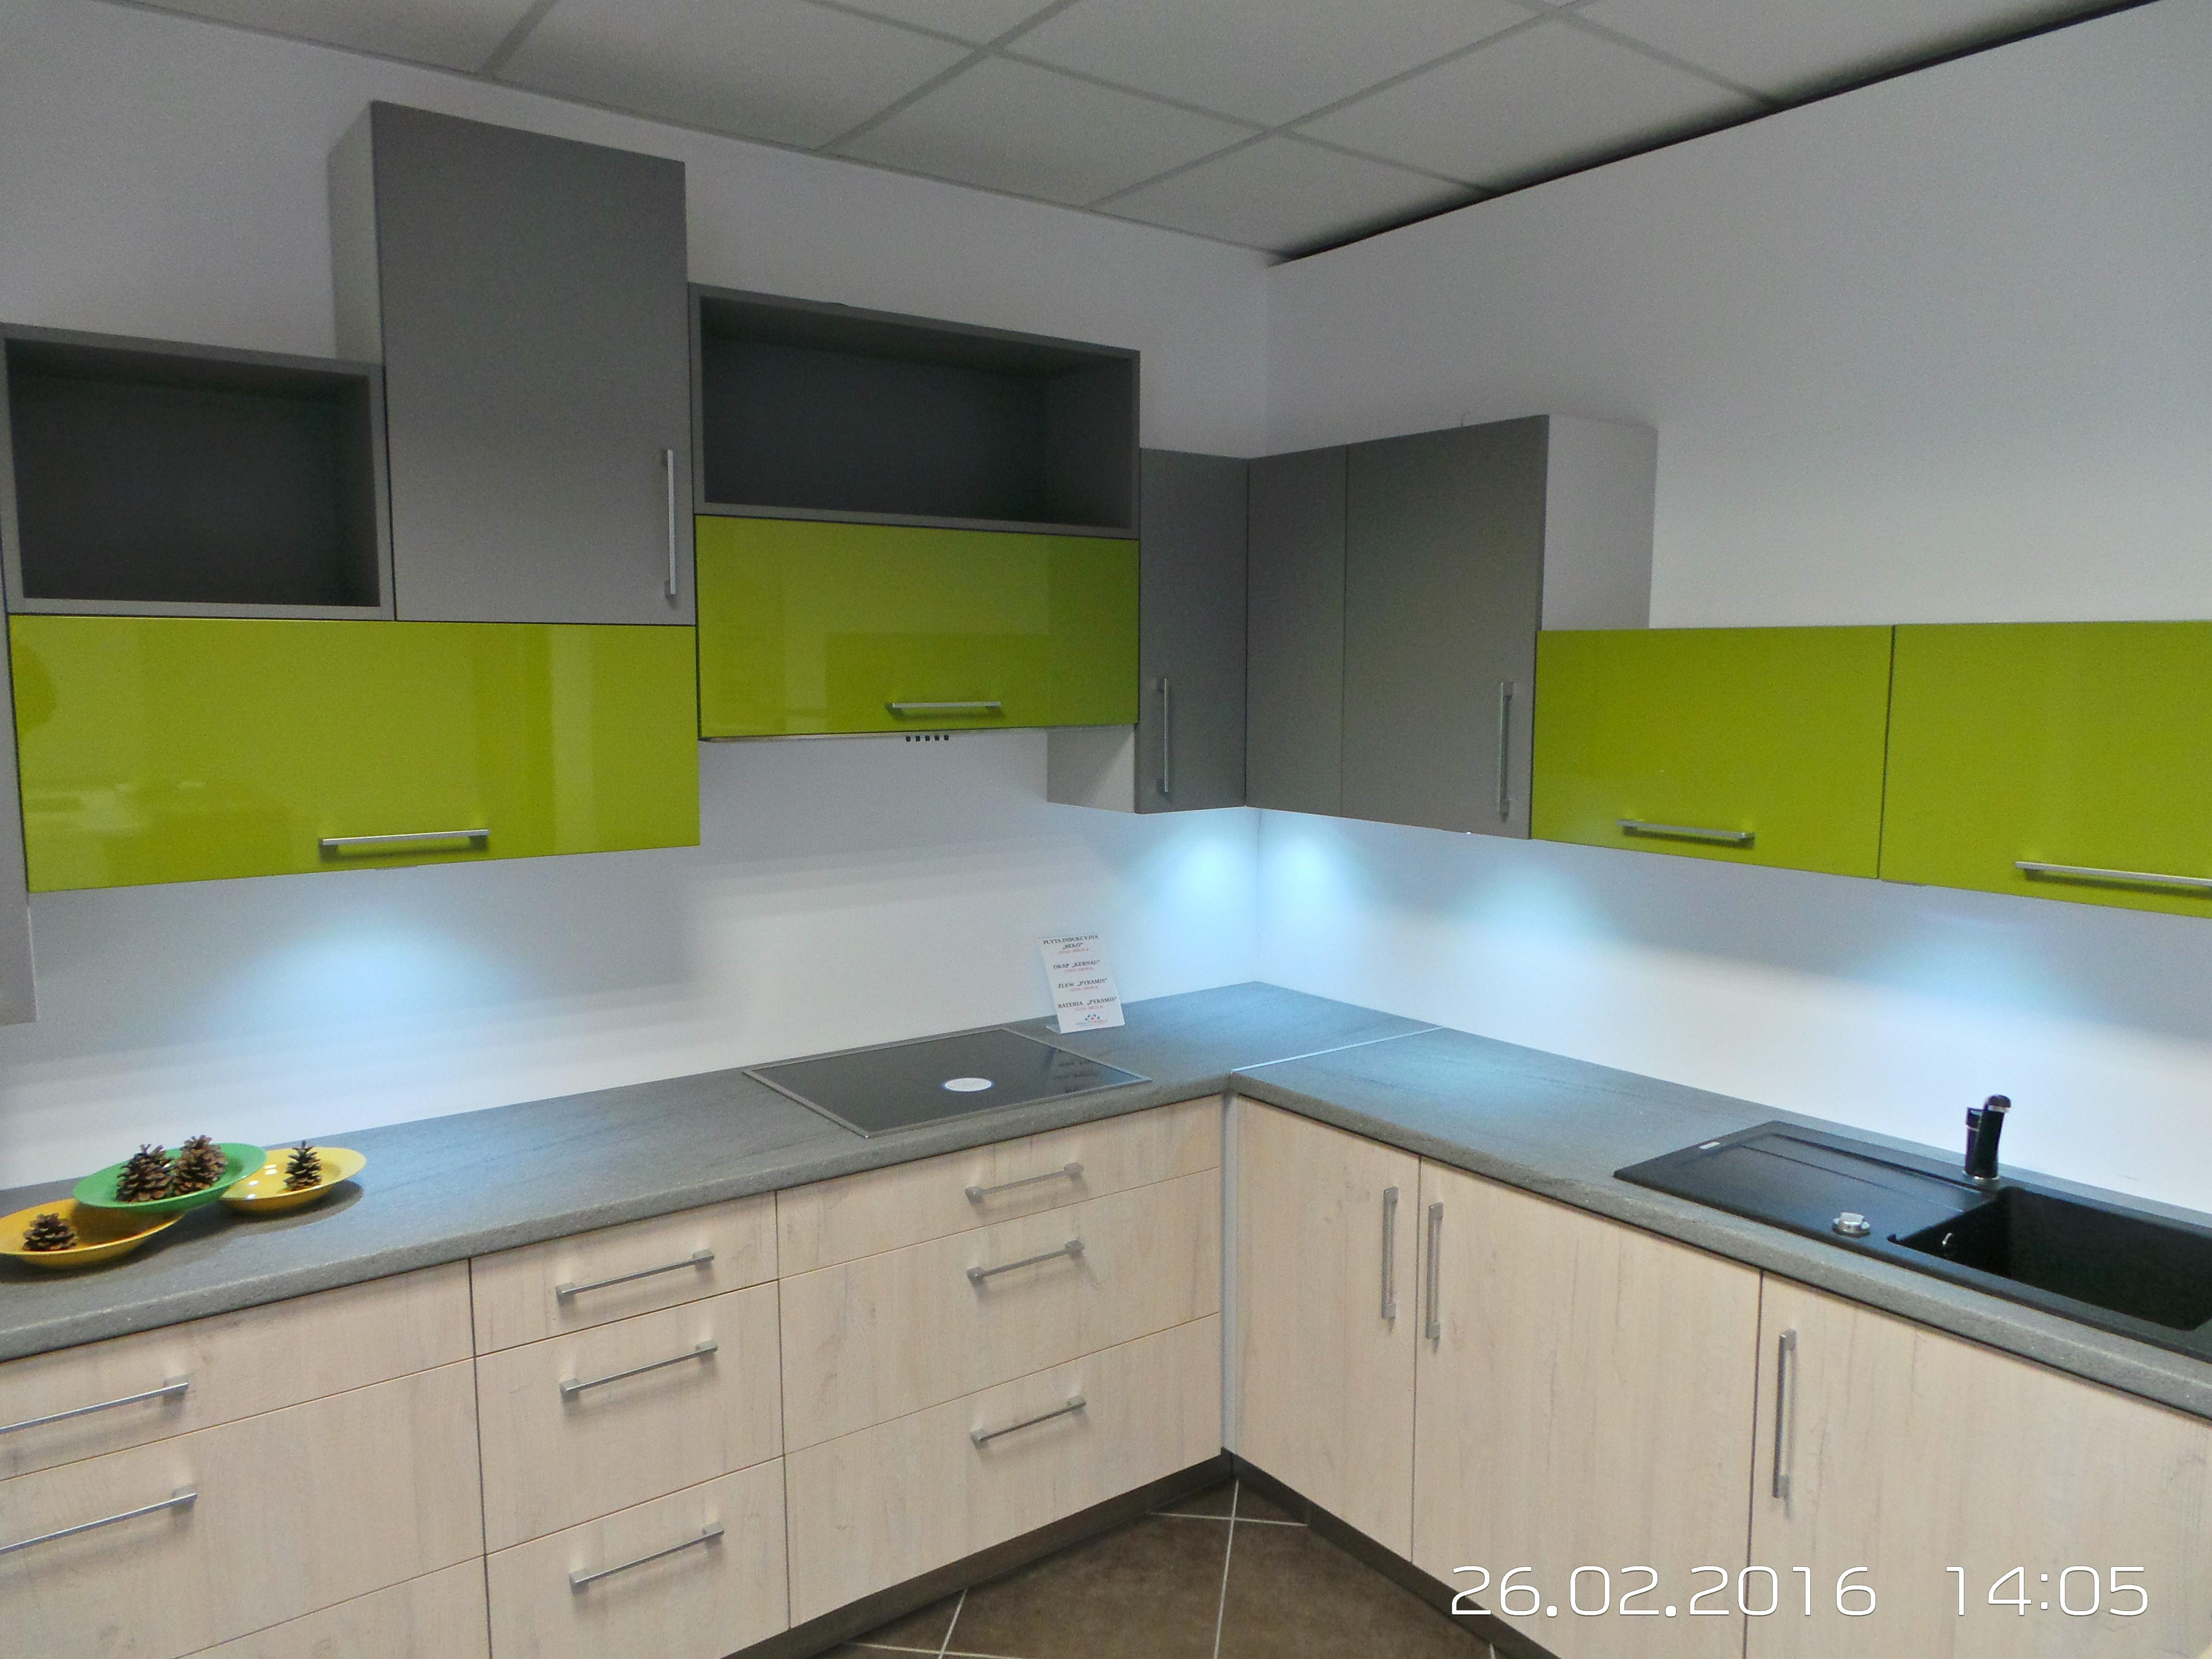 STUDIO MEBLI KUCHENNYCH - Czarnków - wielkopolskie